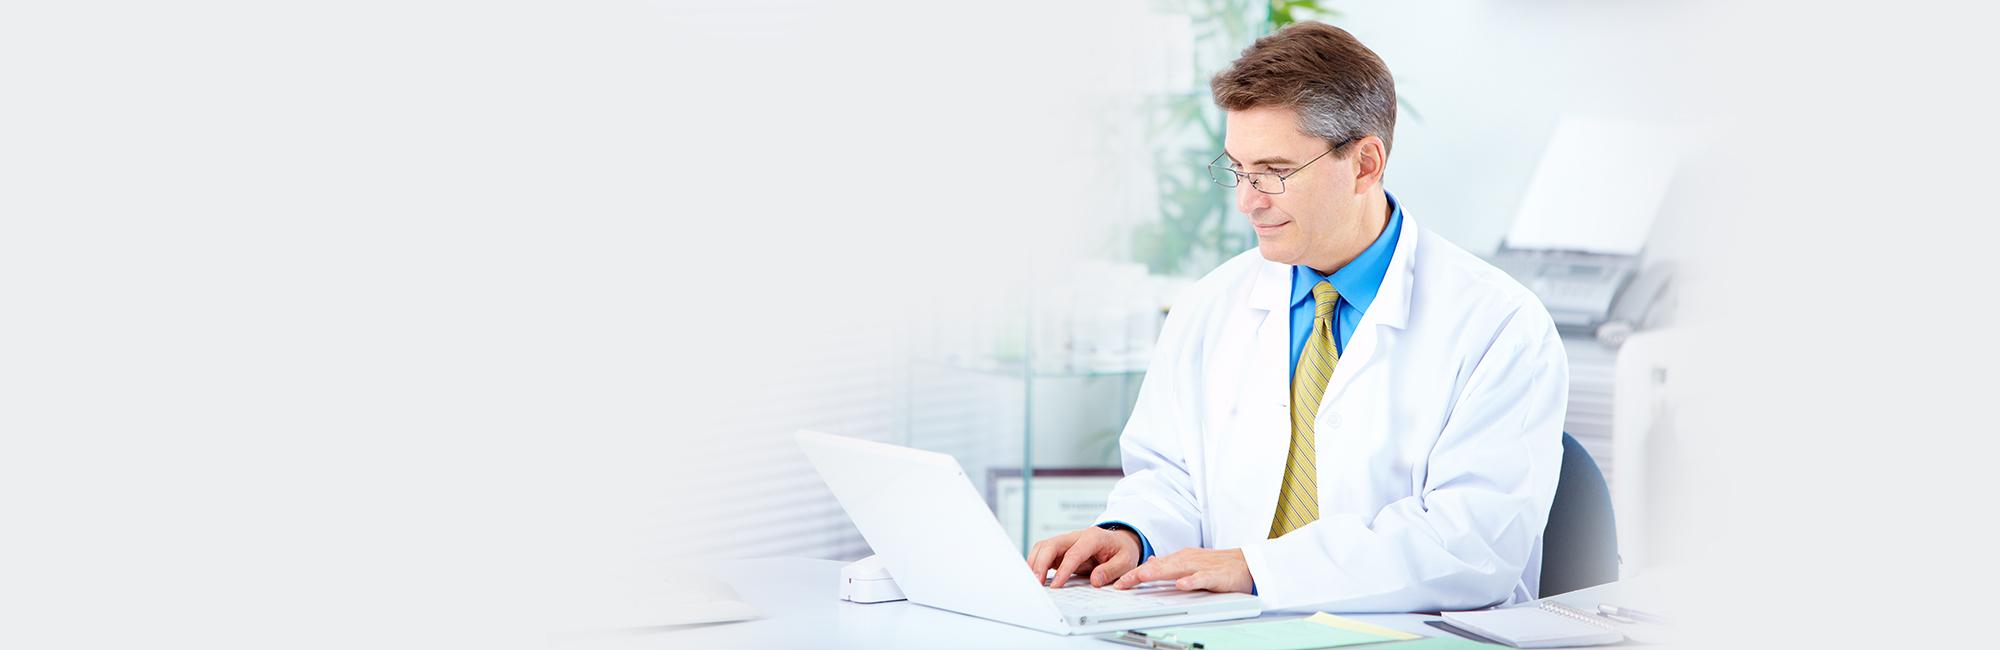 Стоматологические услуги в Харькове